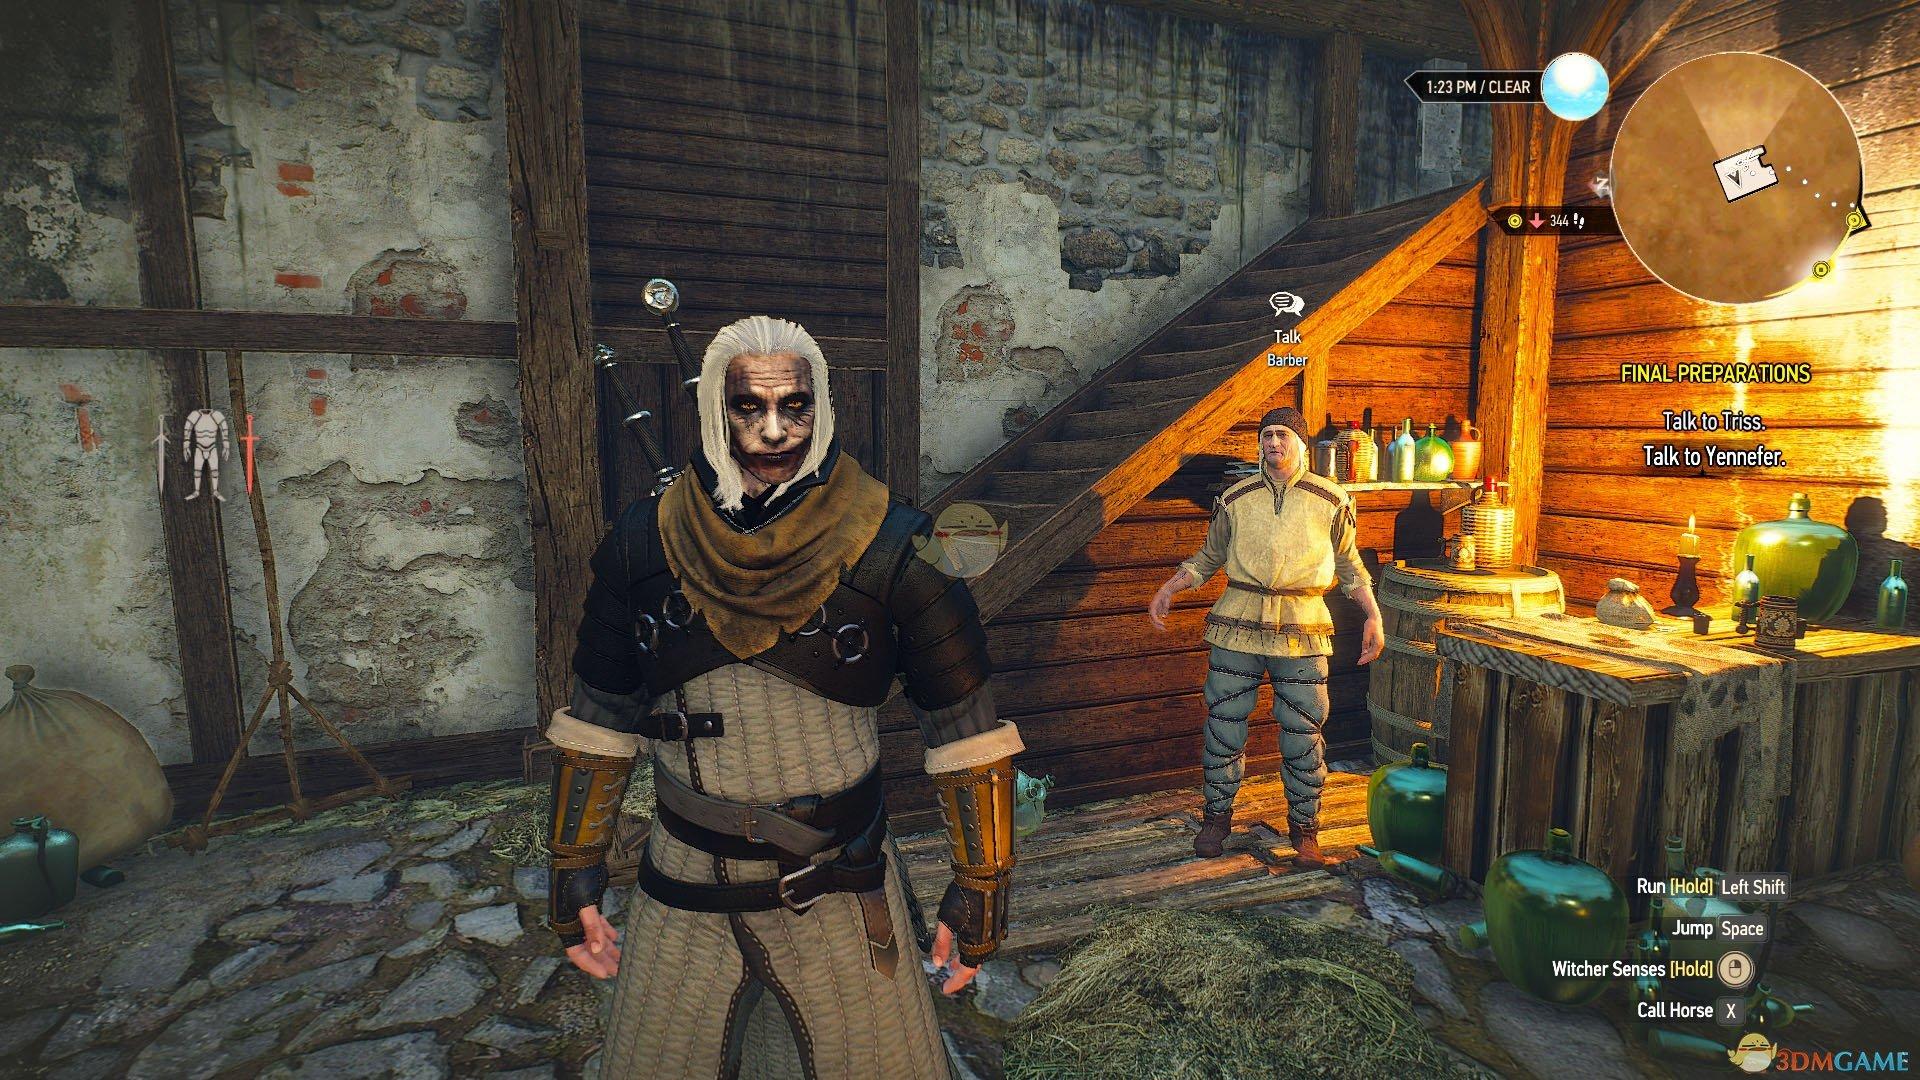 《巫师3:狂猎》小丑涂装杰洛特MOD